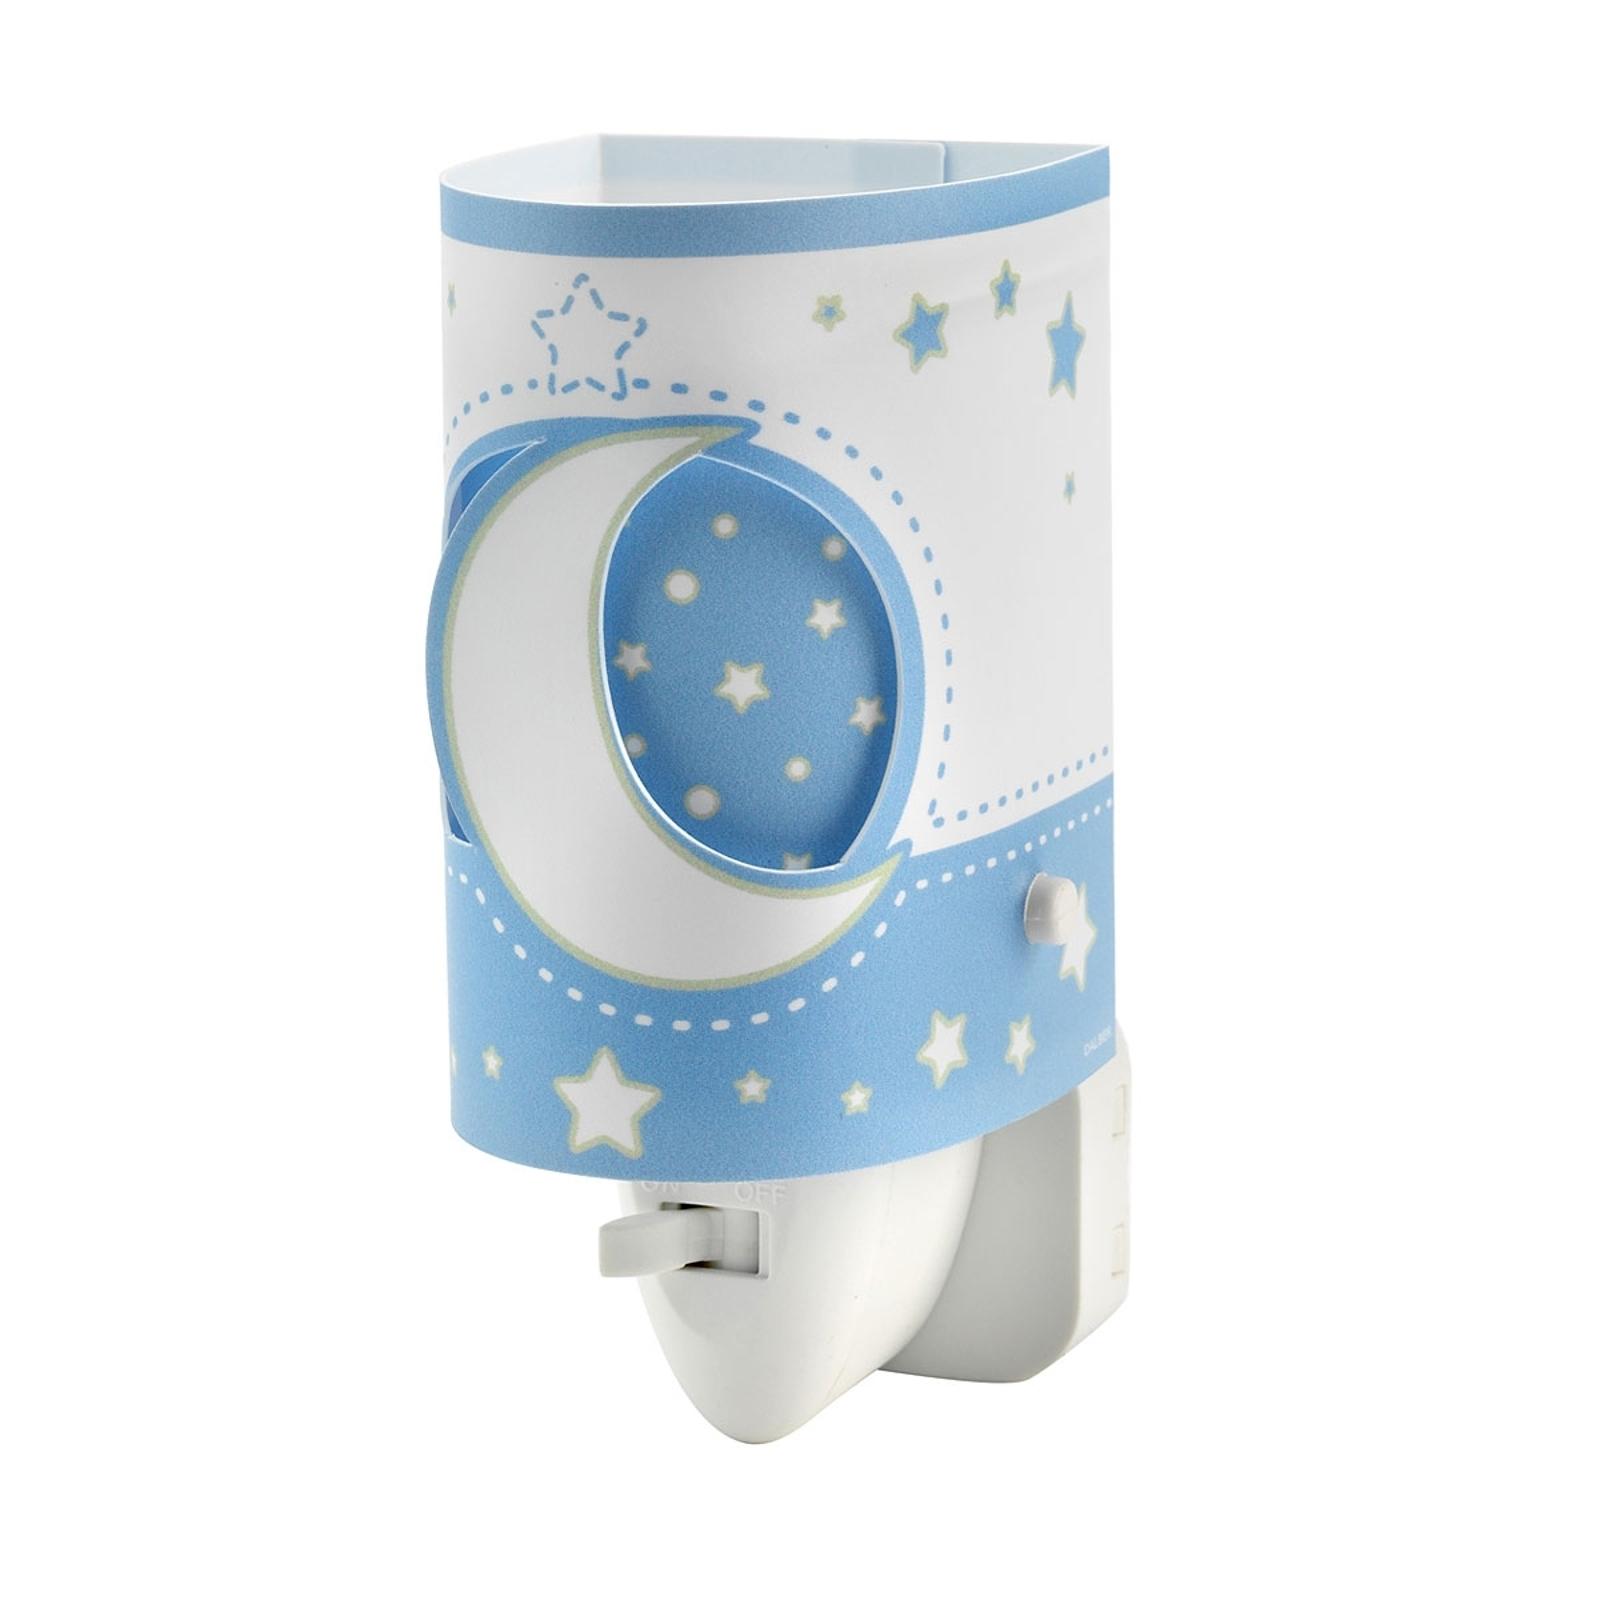 Lámpara nocturna LED Stars, apta bebés azul claro